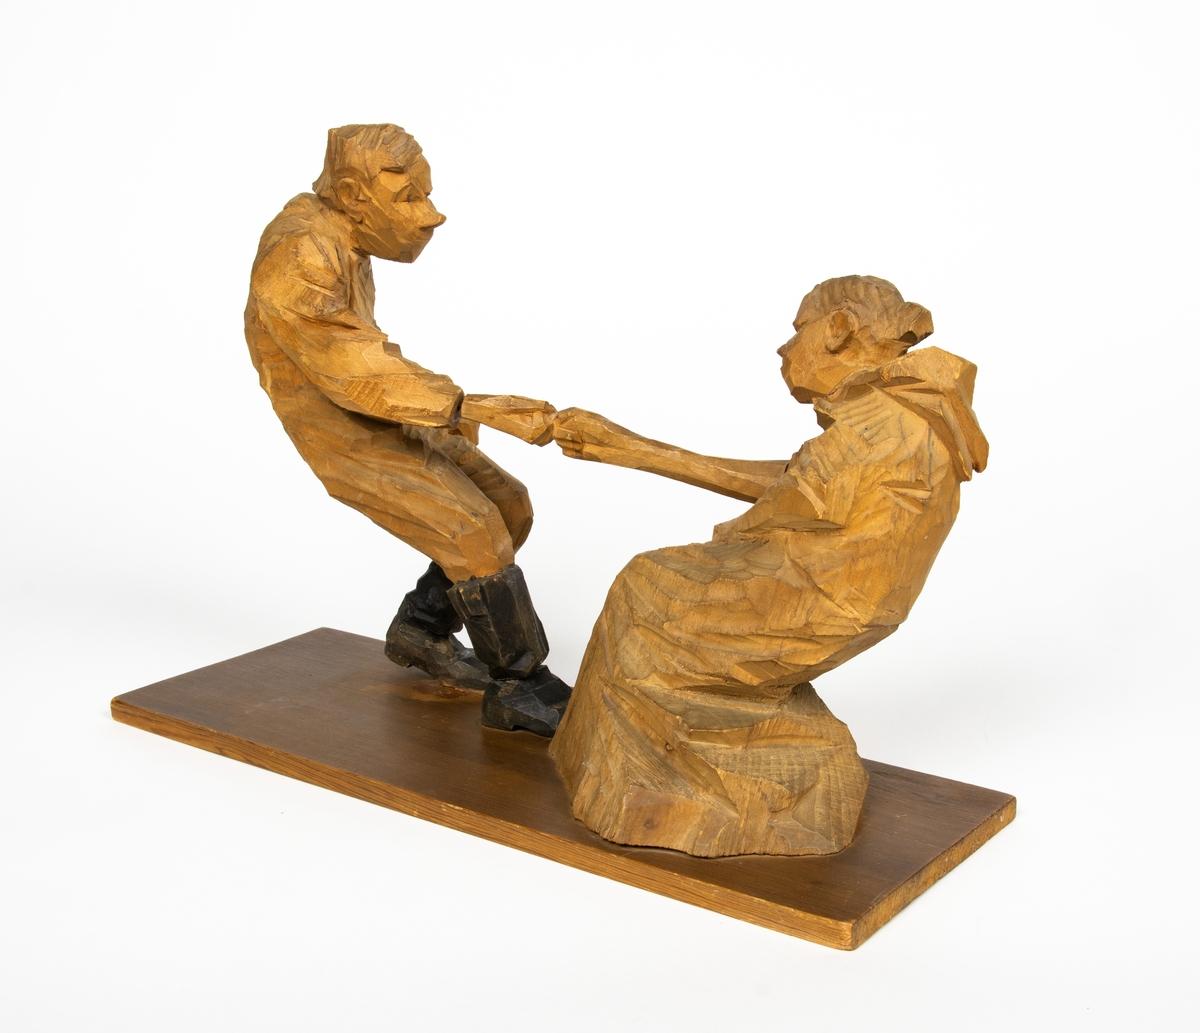 """Skulptur i trä av Döderhultarn. Skulpturen föreställer två figurer, en man och en hustru i en dragkamp, så kallad """"fingerkrok"""". På figurens fotplatta finns en dedikation: """"Från Axel Petersson till Flygaren å vännen Rodéhn 2/9 1919. En ringa gärd af tacksamhet för tvänne i allo förstklassiga """"himmelsfärder"""". Länge lefve Br Rodéhn!!! D.S"""". Jämte dedikationen finns konstnärens signatur synlig i form av en stämpel."""